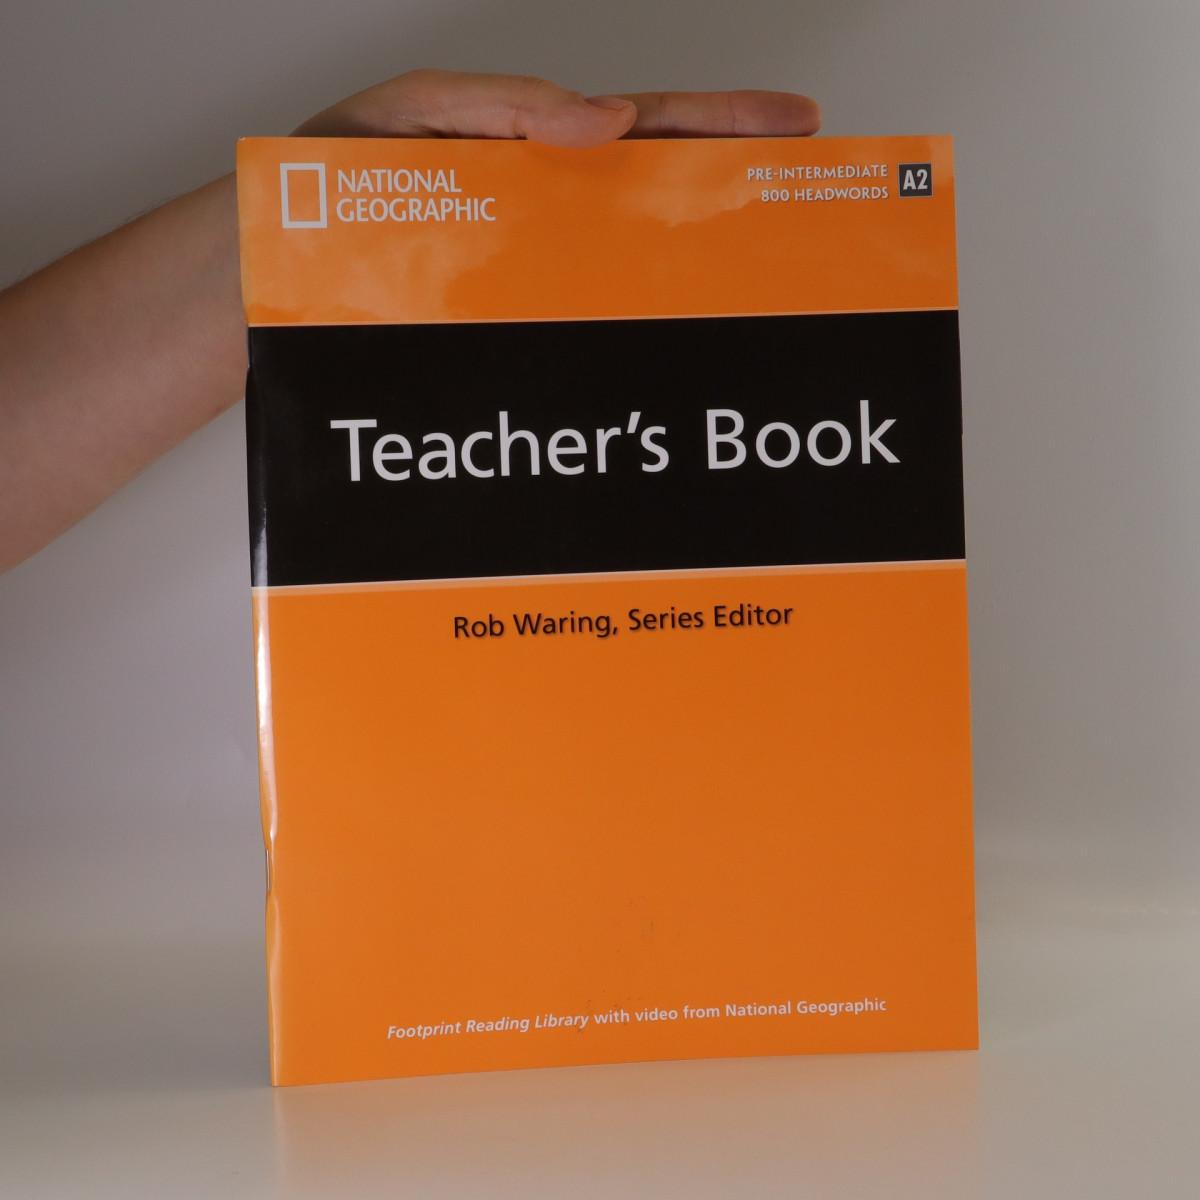 antikvární kniha Footprint Reading Library Teacher's Book. Pre - Intermediate. 800 Headwords. A2., neuveden